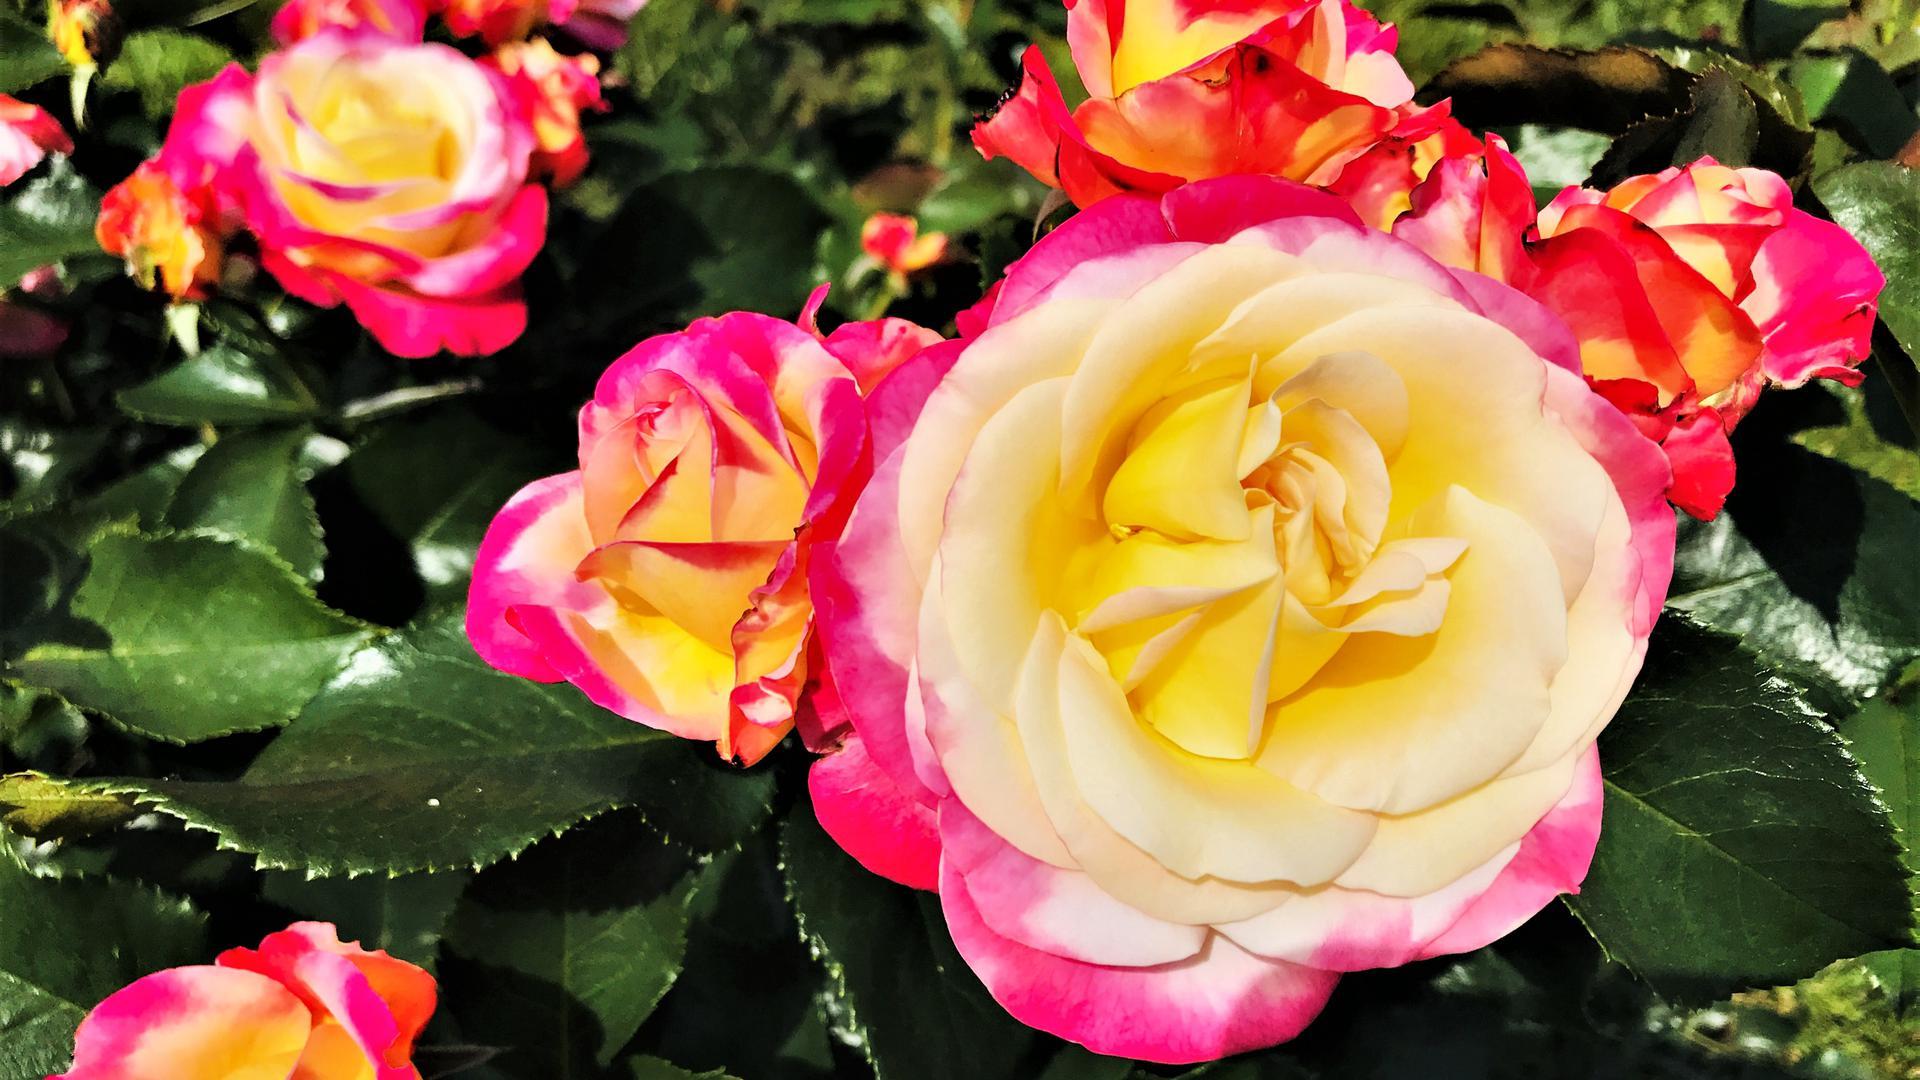 Diese Rose wächst in einem Beet für den  69. Internationalen Rosenneuheitenwettbewerb. Insgesamt sind 127 Neuzüchtungen von Rosenzüchtern aus elf Ländern  im Rennen.